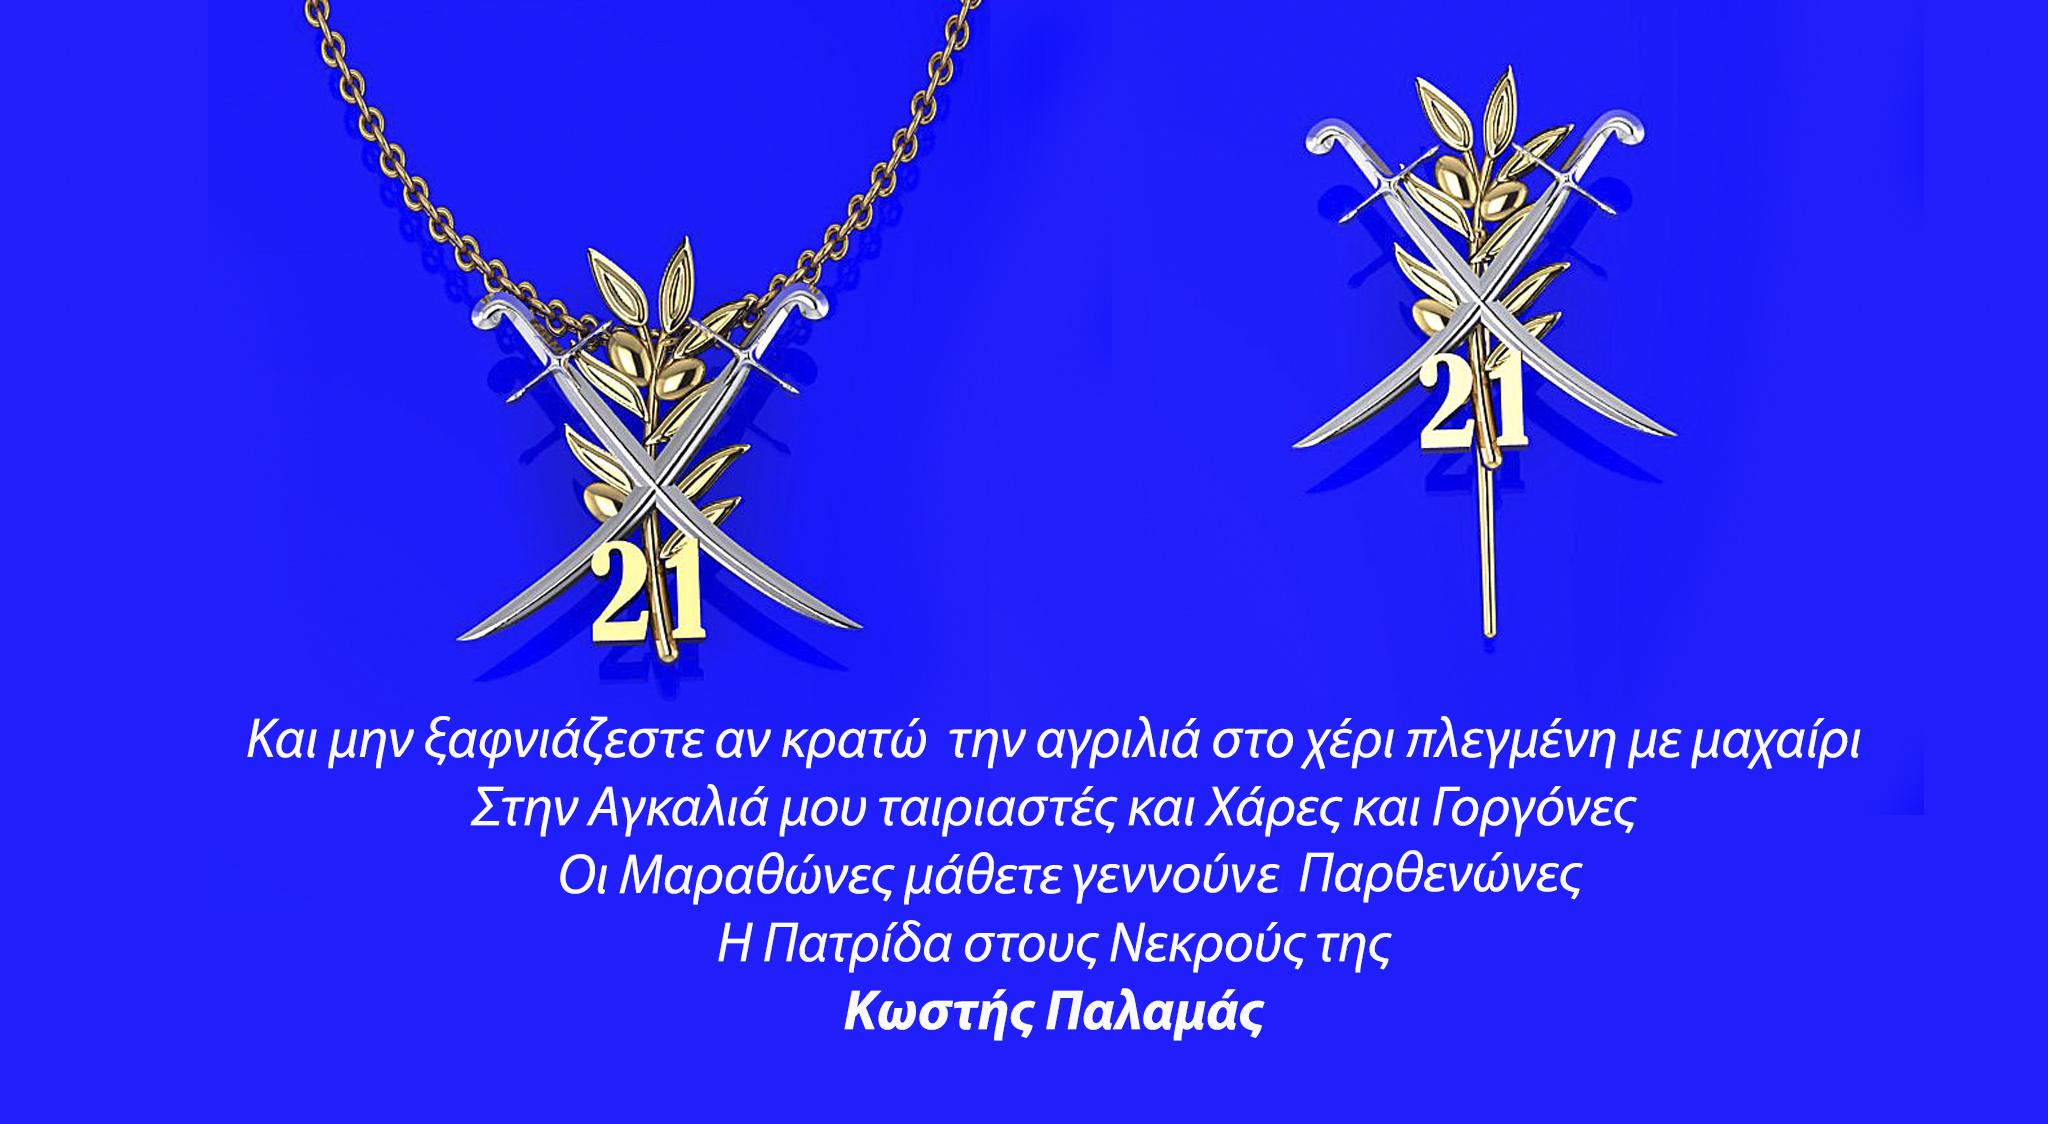 Ελλάδα 2021 - Επετειακά Κοσμήματα με το 21 συμπεφυρμένο  με τις Πάλες τών Αγωνιστών τής Ελληνικής Επανάστασης και την Αγριλιά